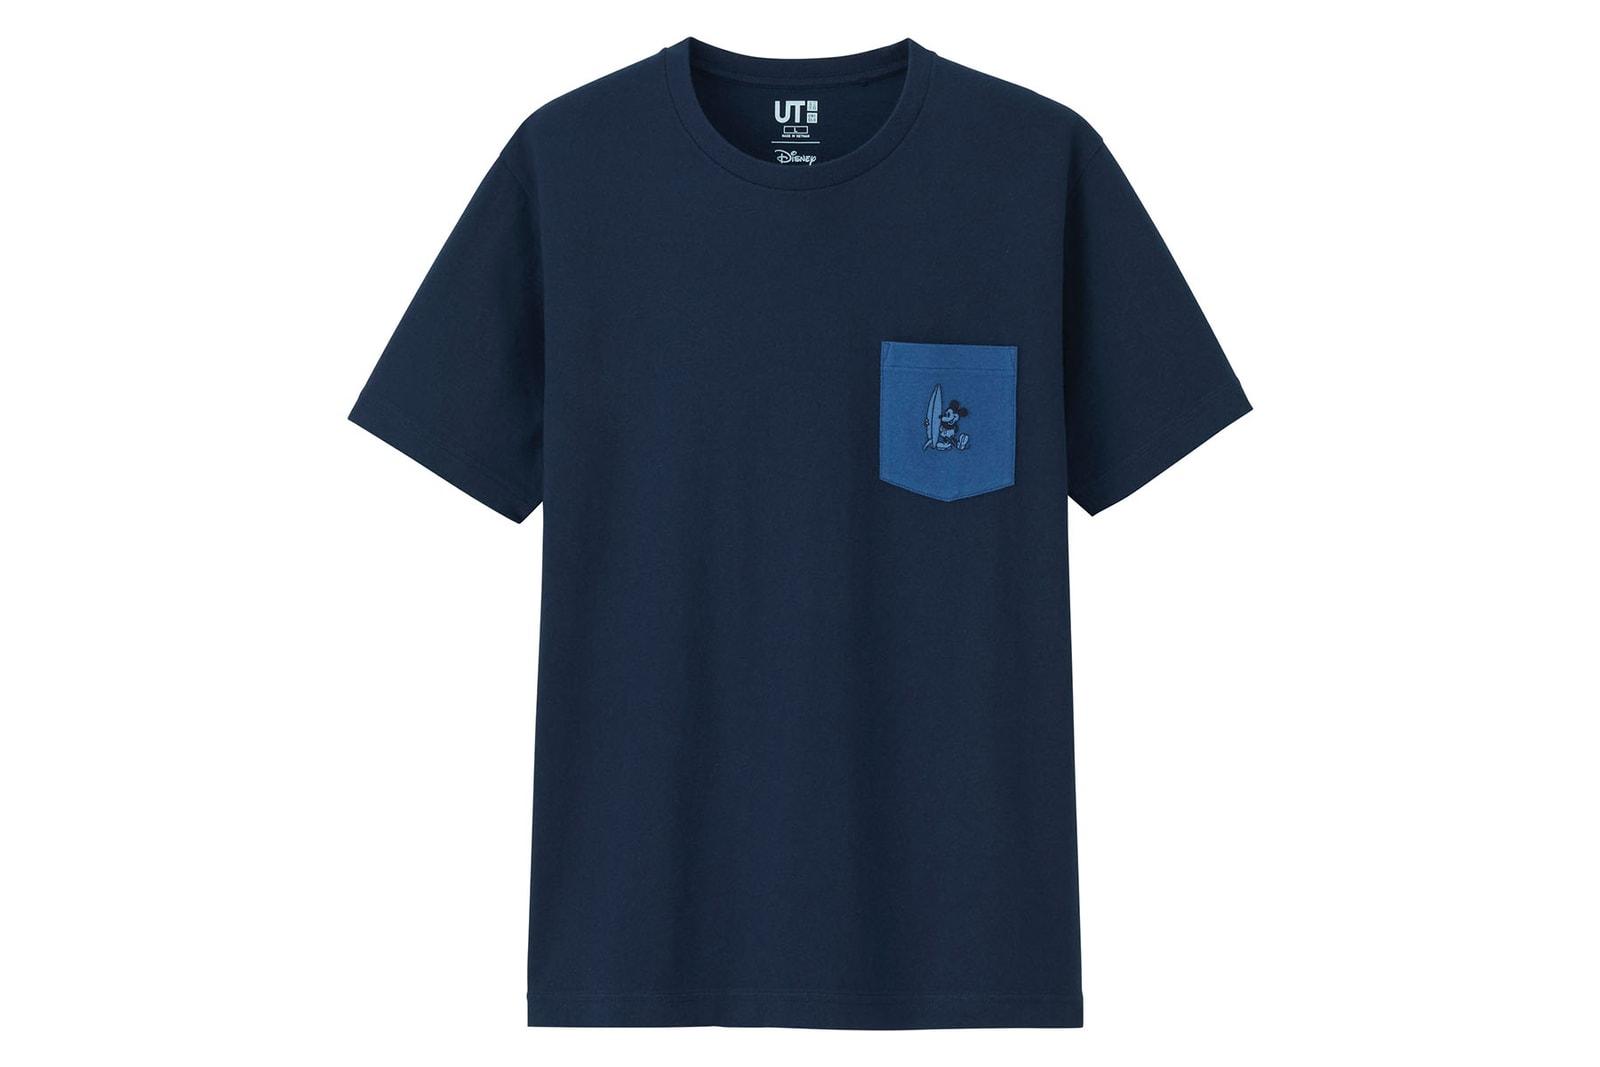 HYPEBEAST が厳選した UNIQLO UT 2019年春夏シーズンの主役級コンテンツ ポップアート界の巨匠、人気漫画『ONE PIECE』、日本の伝統が詰まった酒蔵など、ジャンルの垣根を超えた珠玉のTシャツがラインアップ